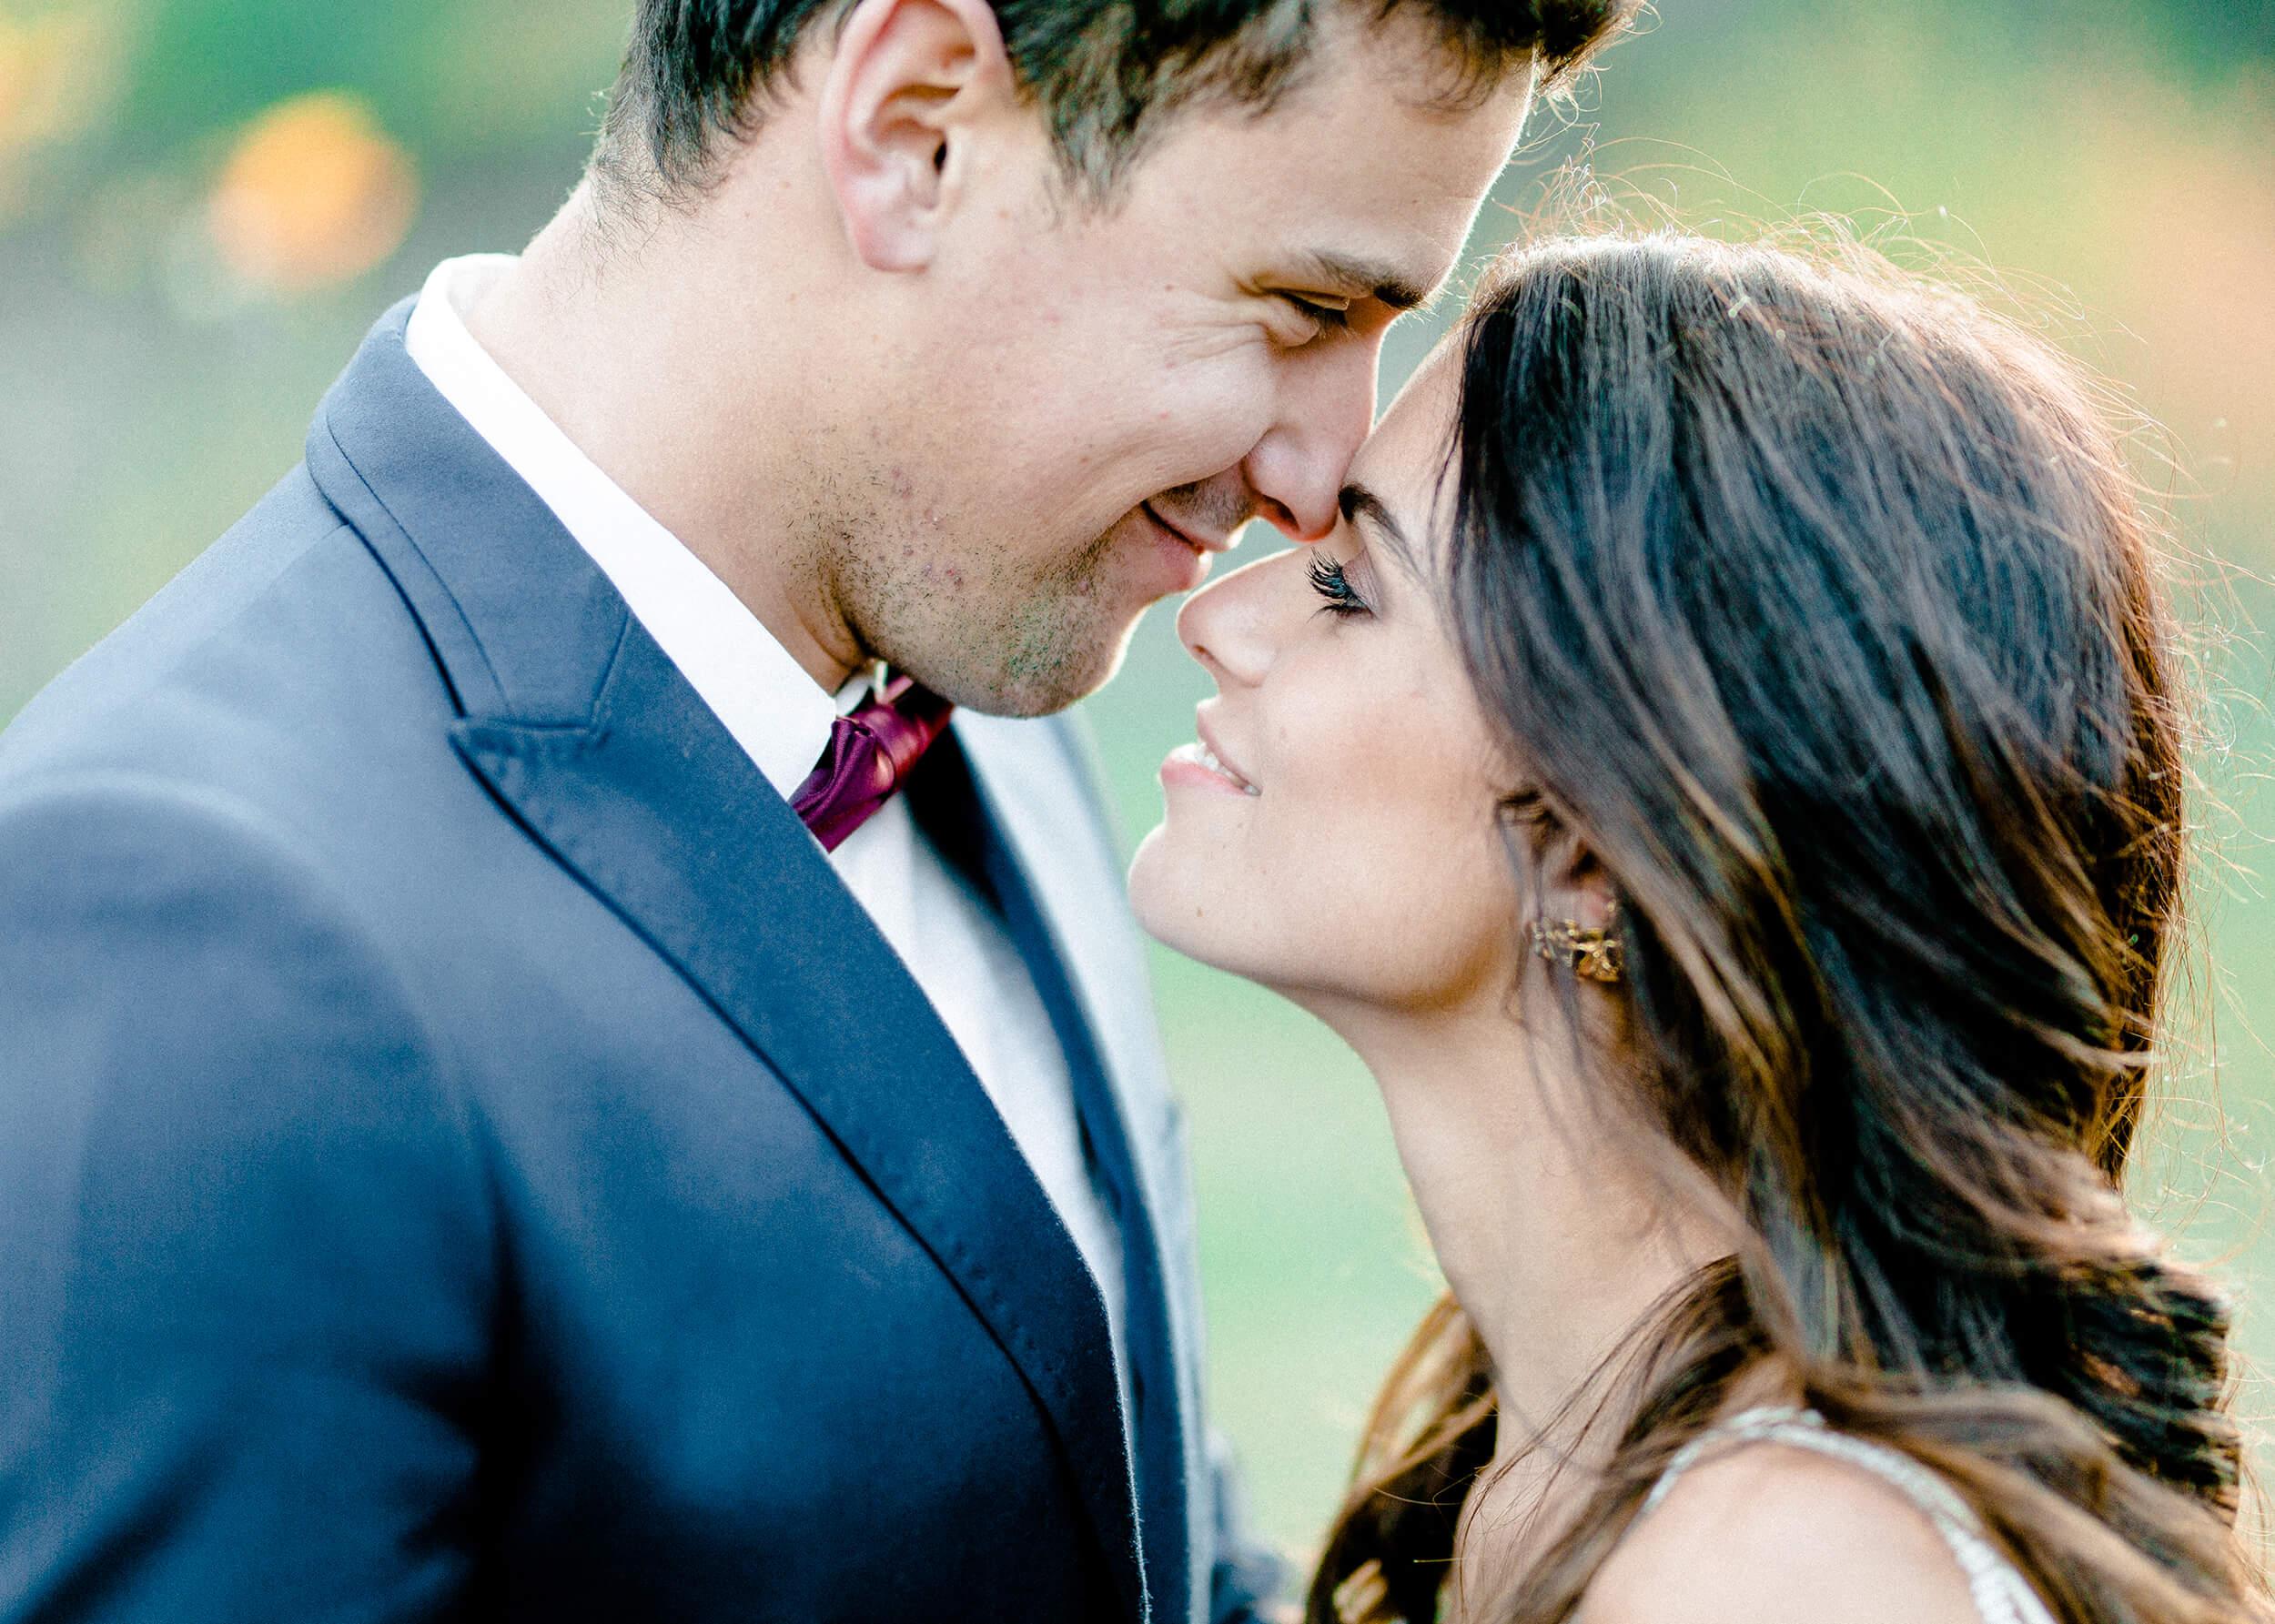 roma-eventos-editorial-acolhedor-de-inverno-inspiracao-casamento-23